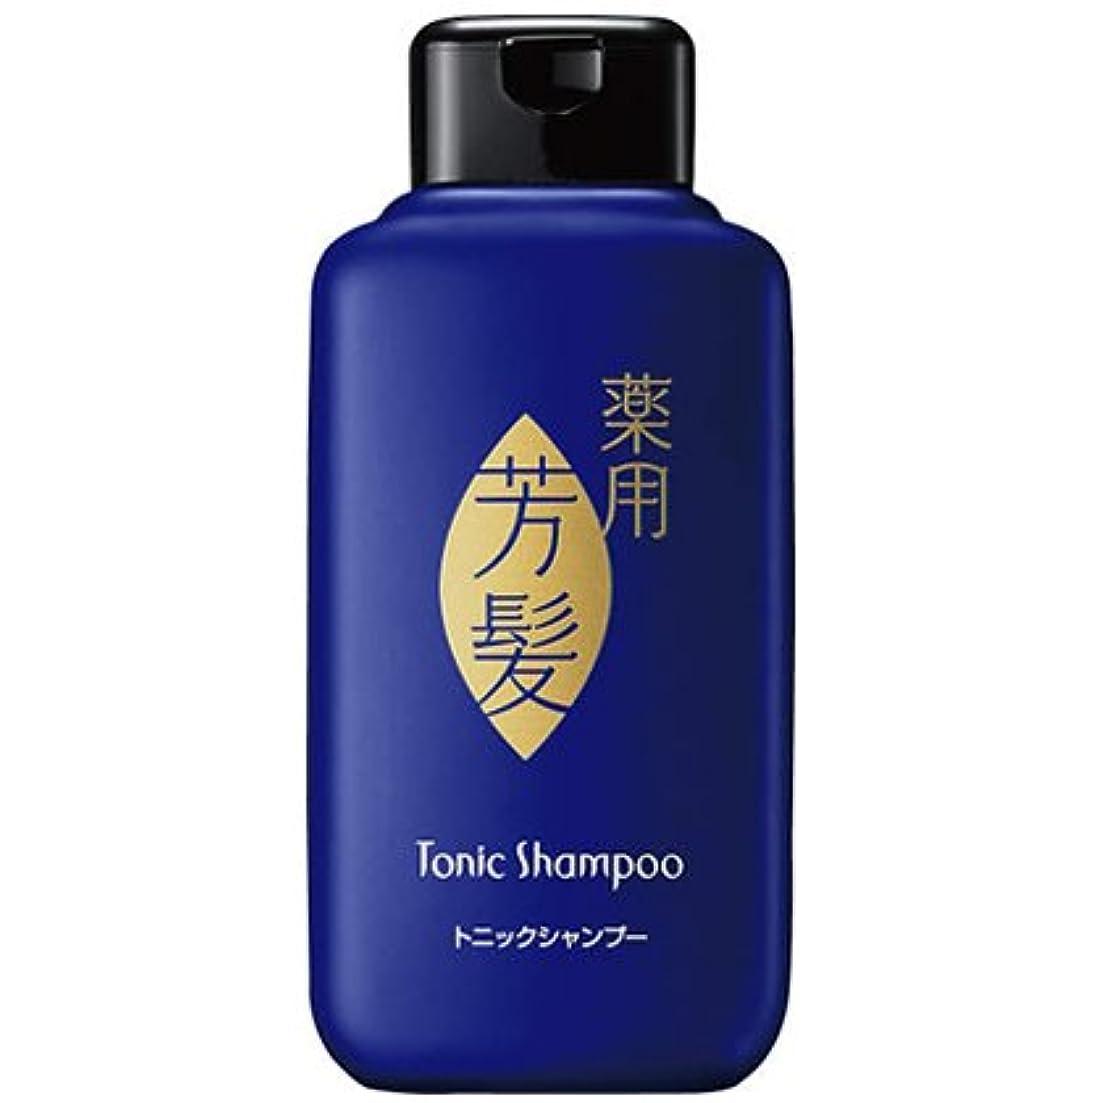 オーラル照らすこれまでエイボン 薬用 芳髪 フォーメン トニック シャンプー(医薬部外品)250ml